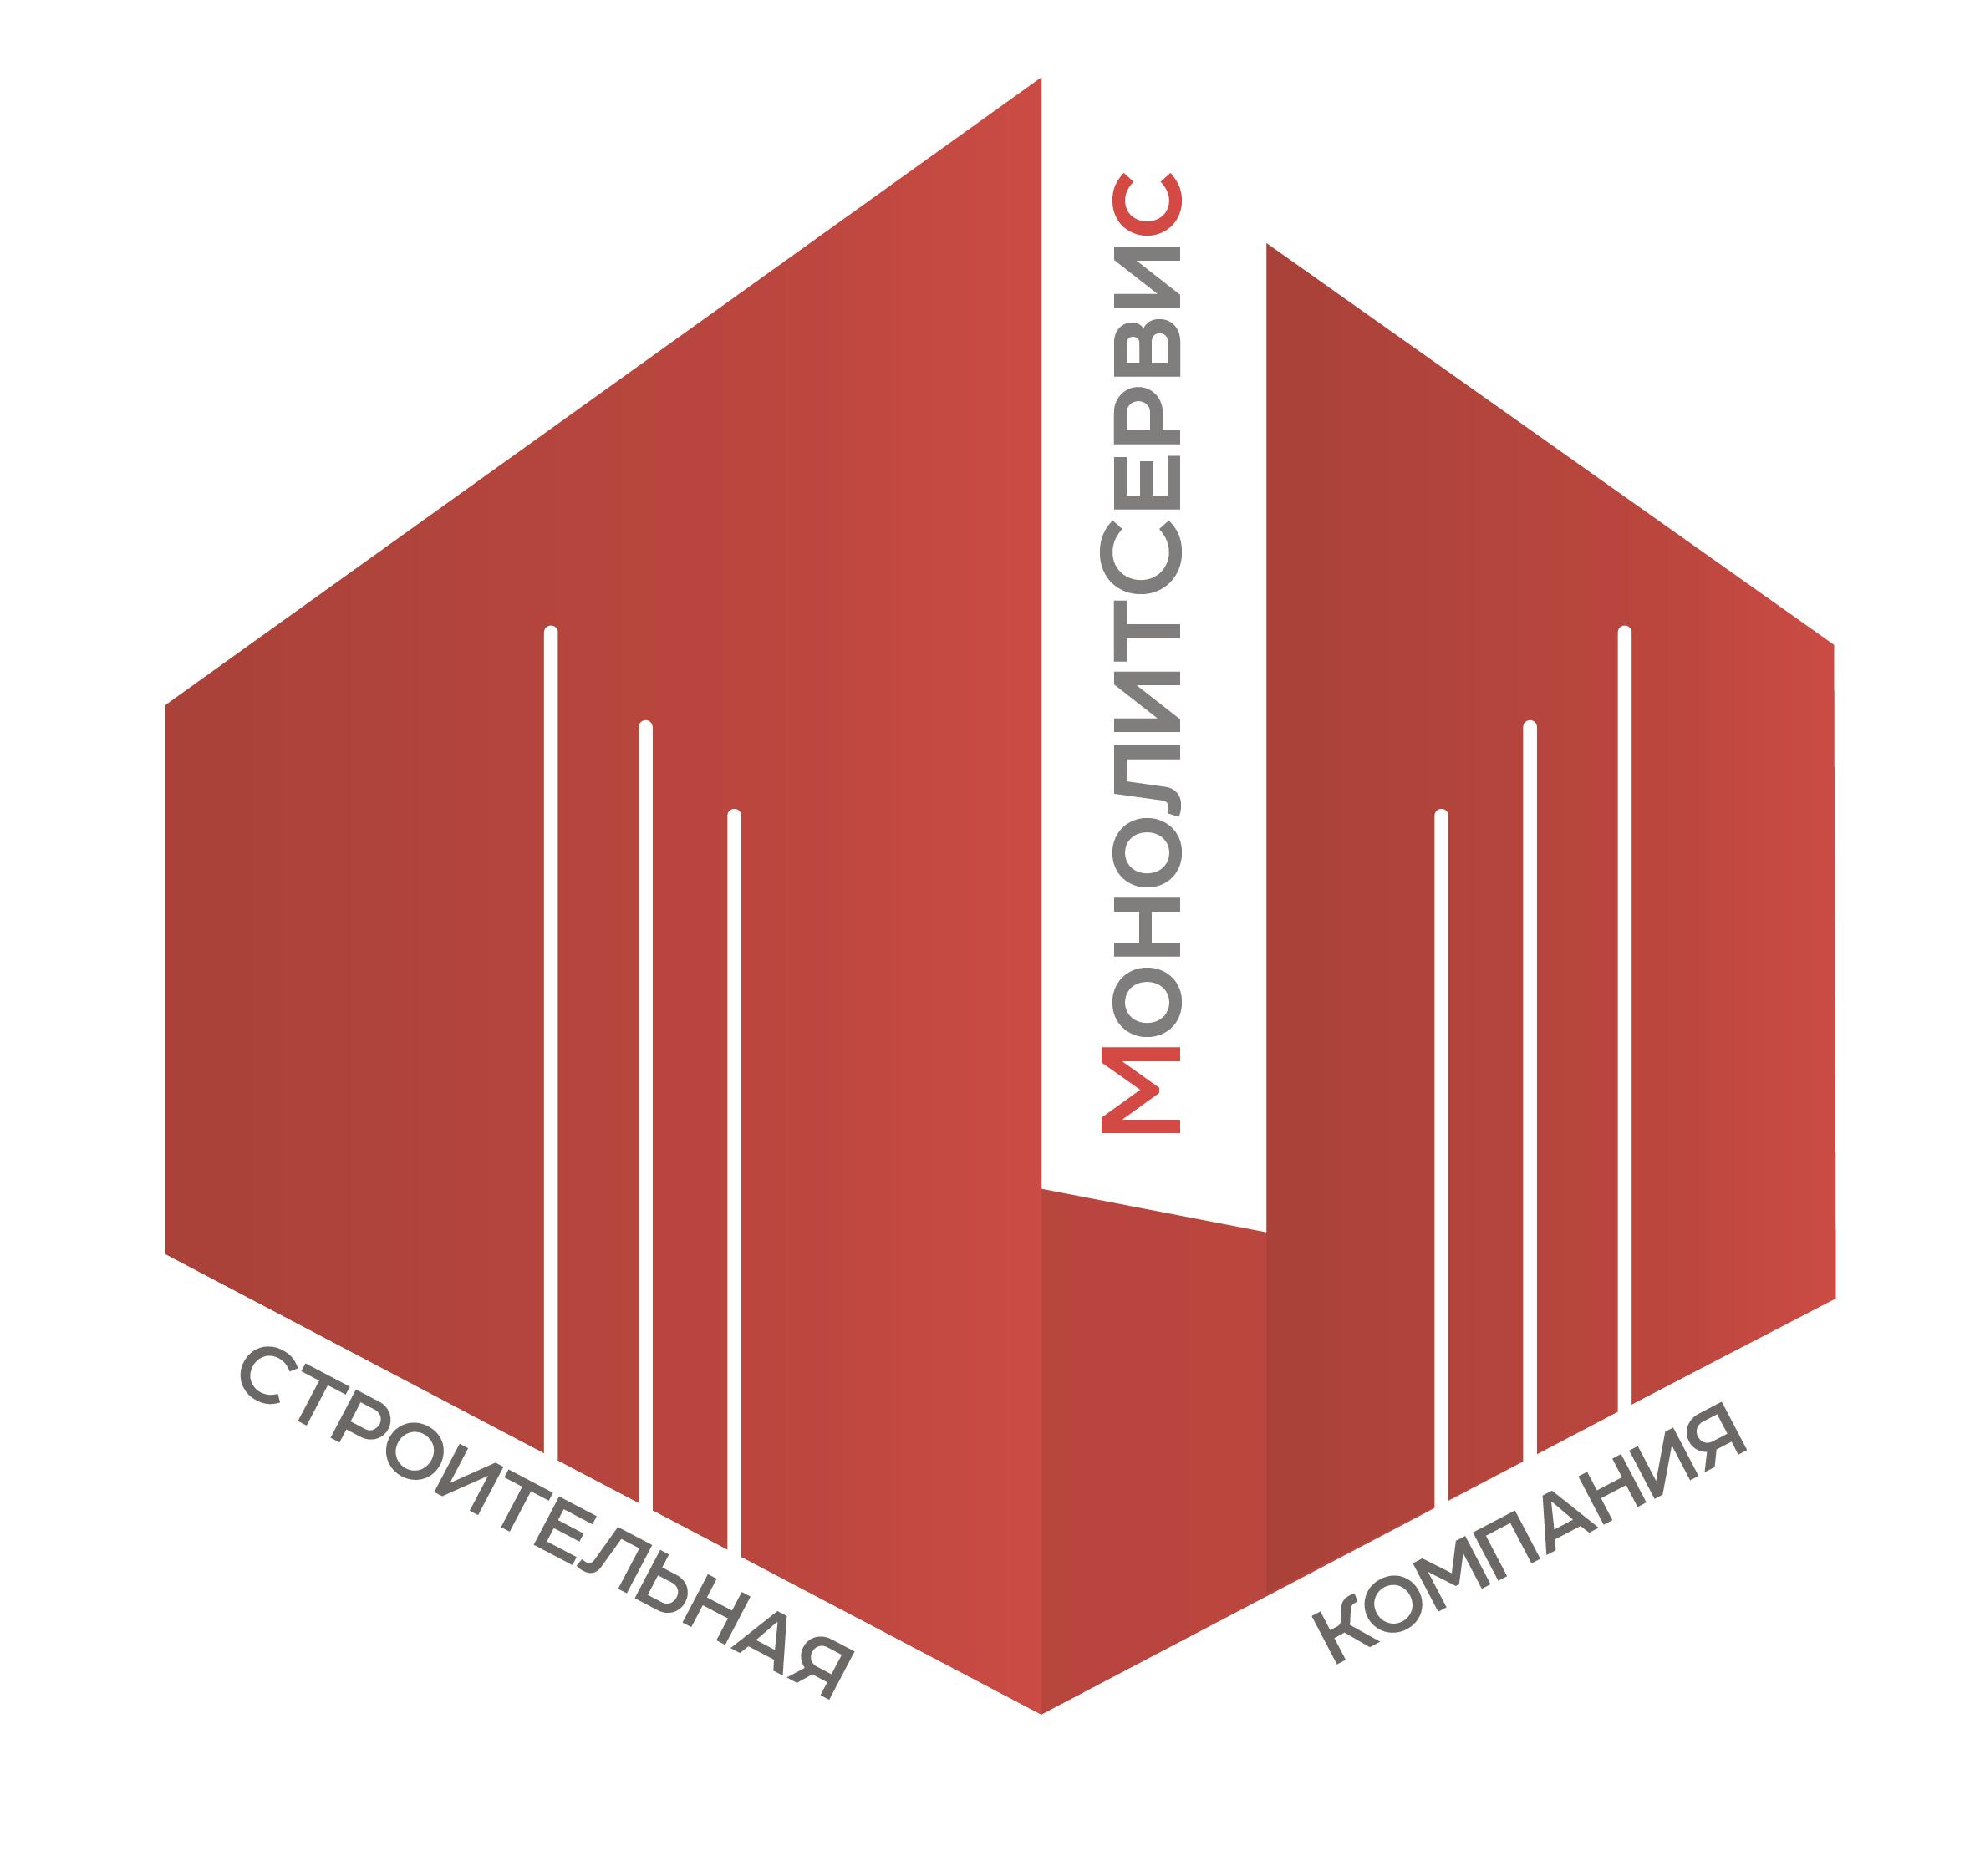 Дизайнер для разработки логотипа компании фото f_9945bfc16c65209d.png